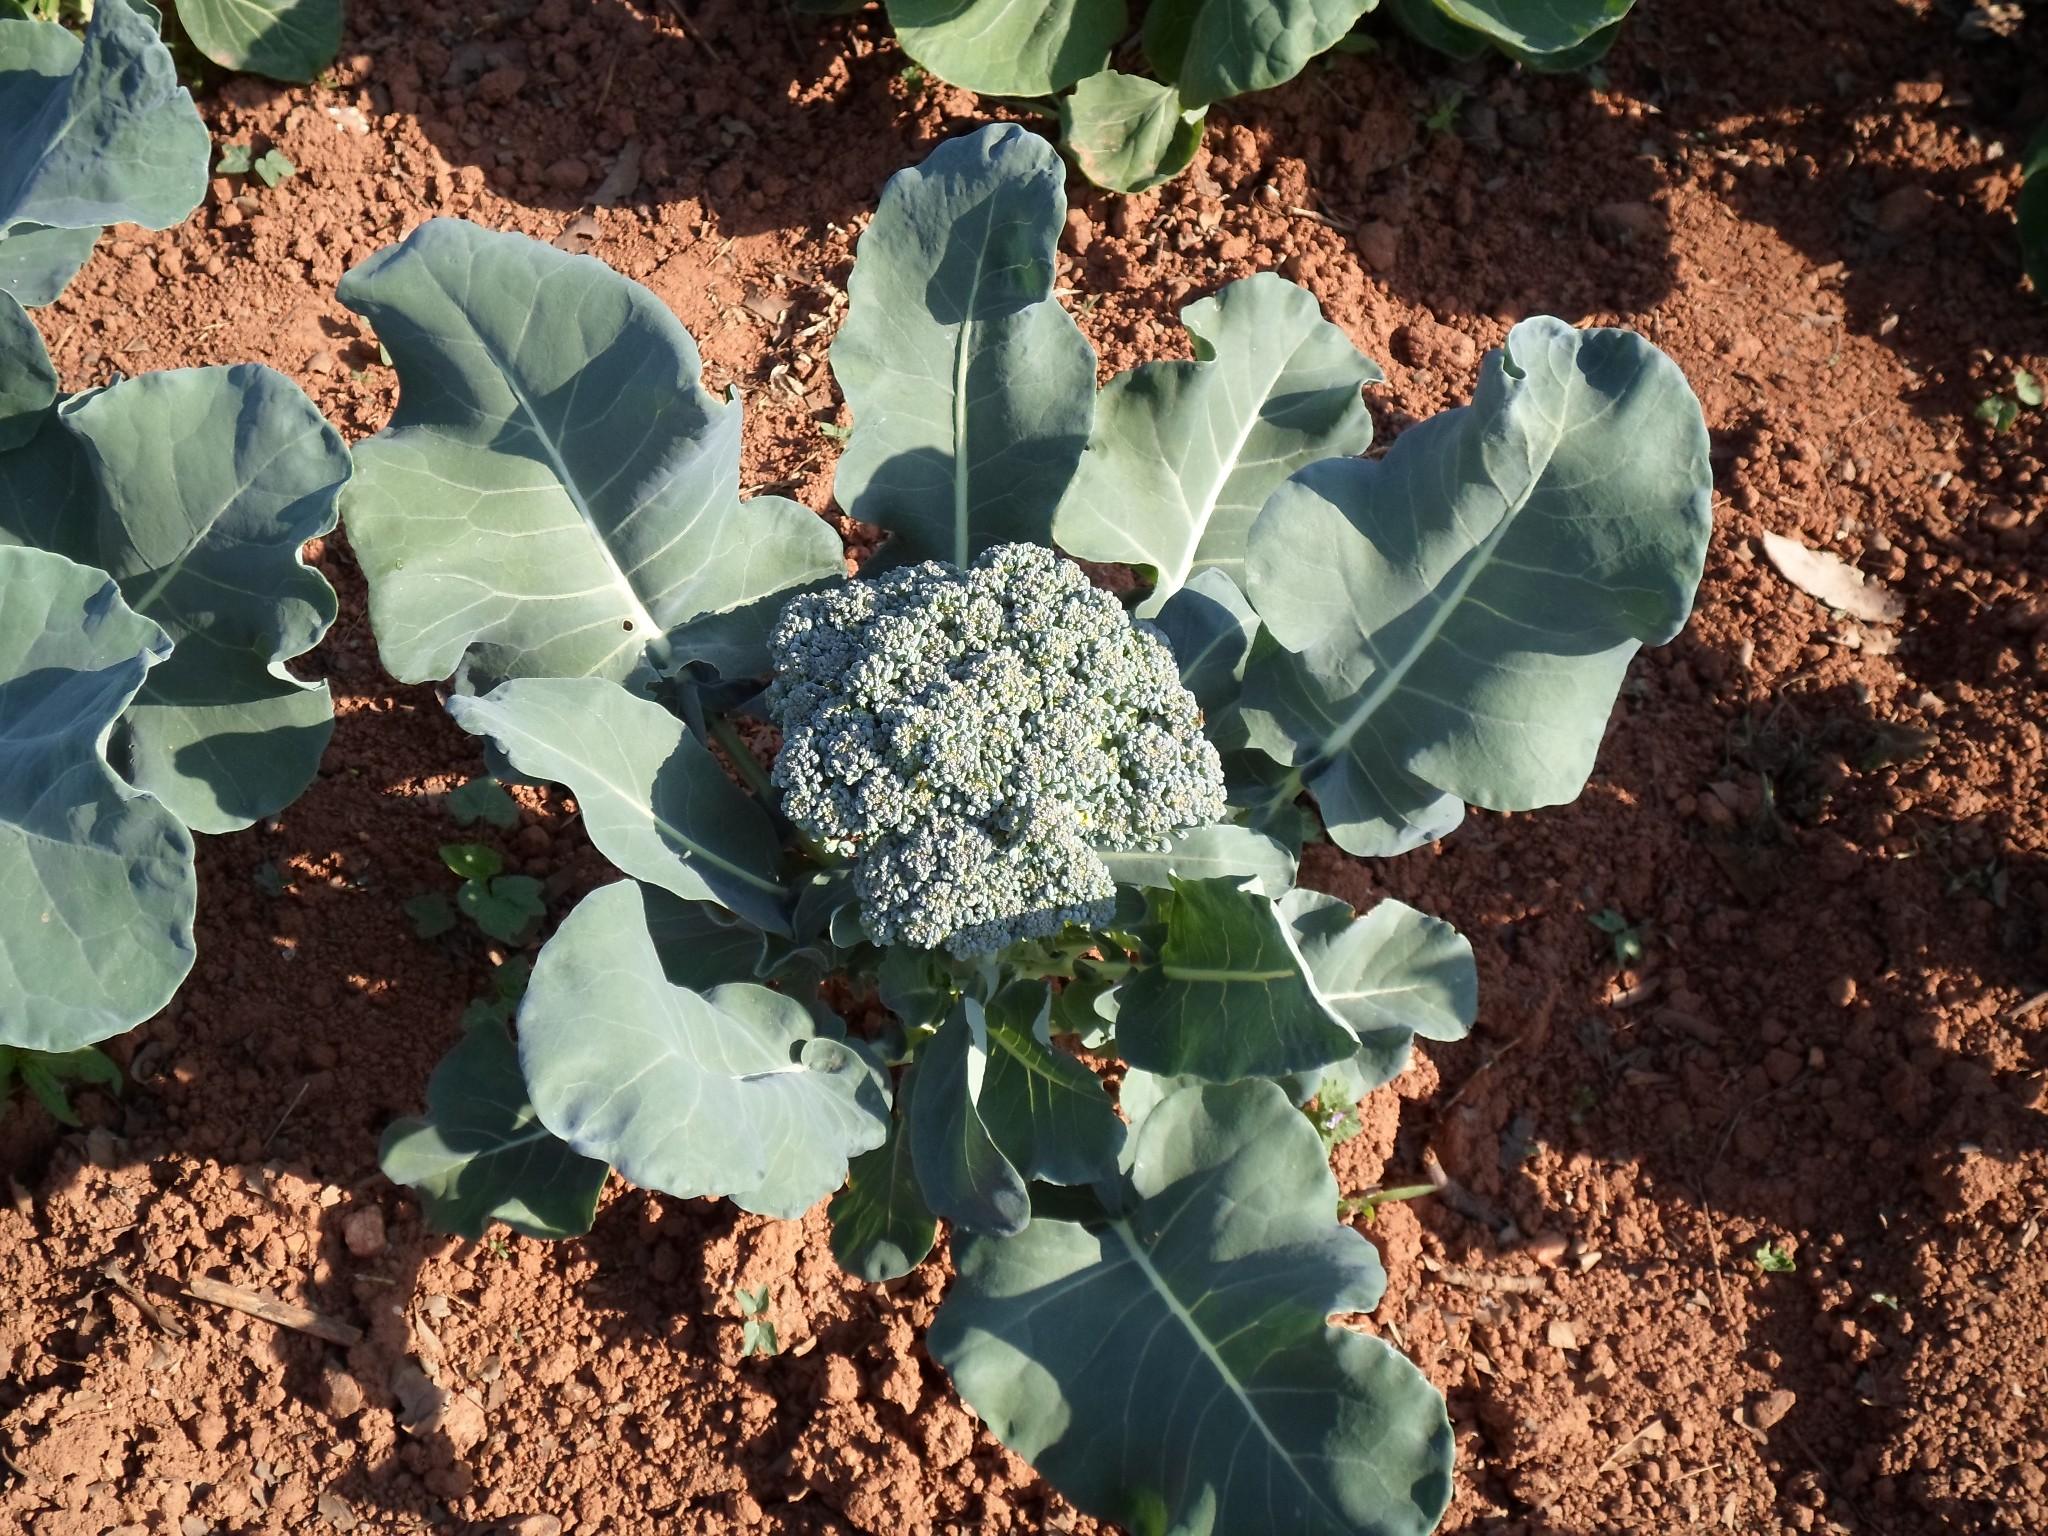 Photo: More broccoli